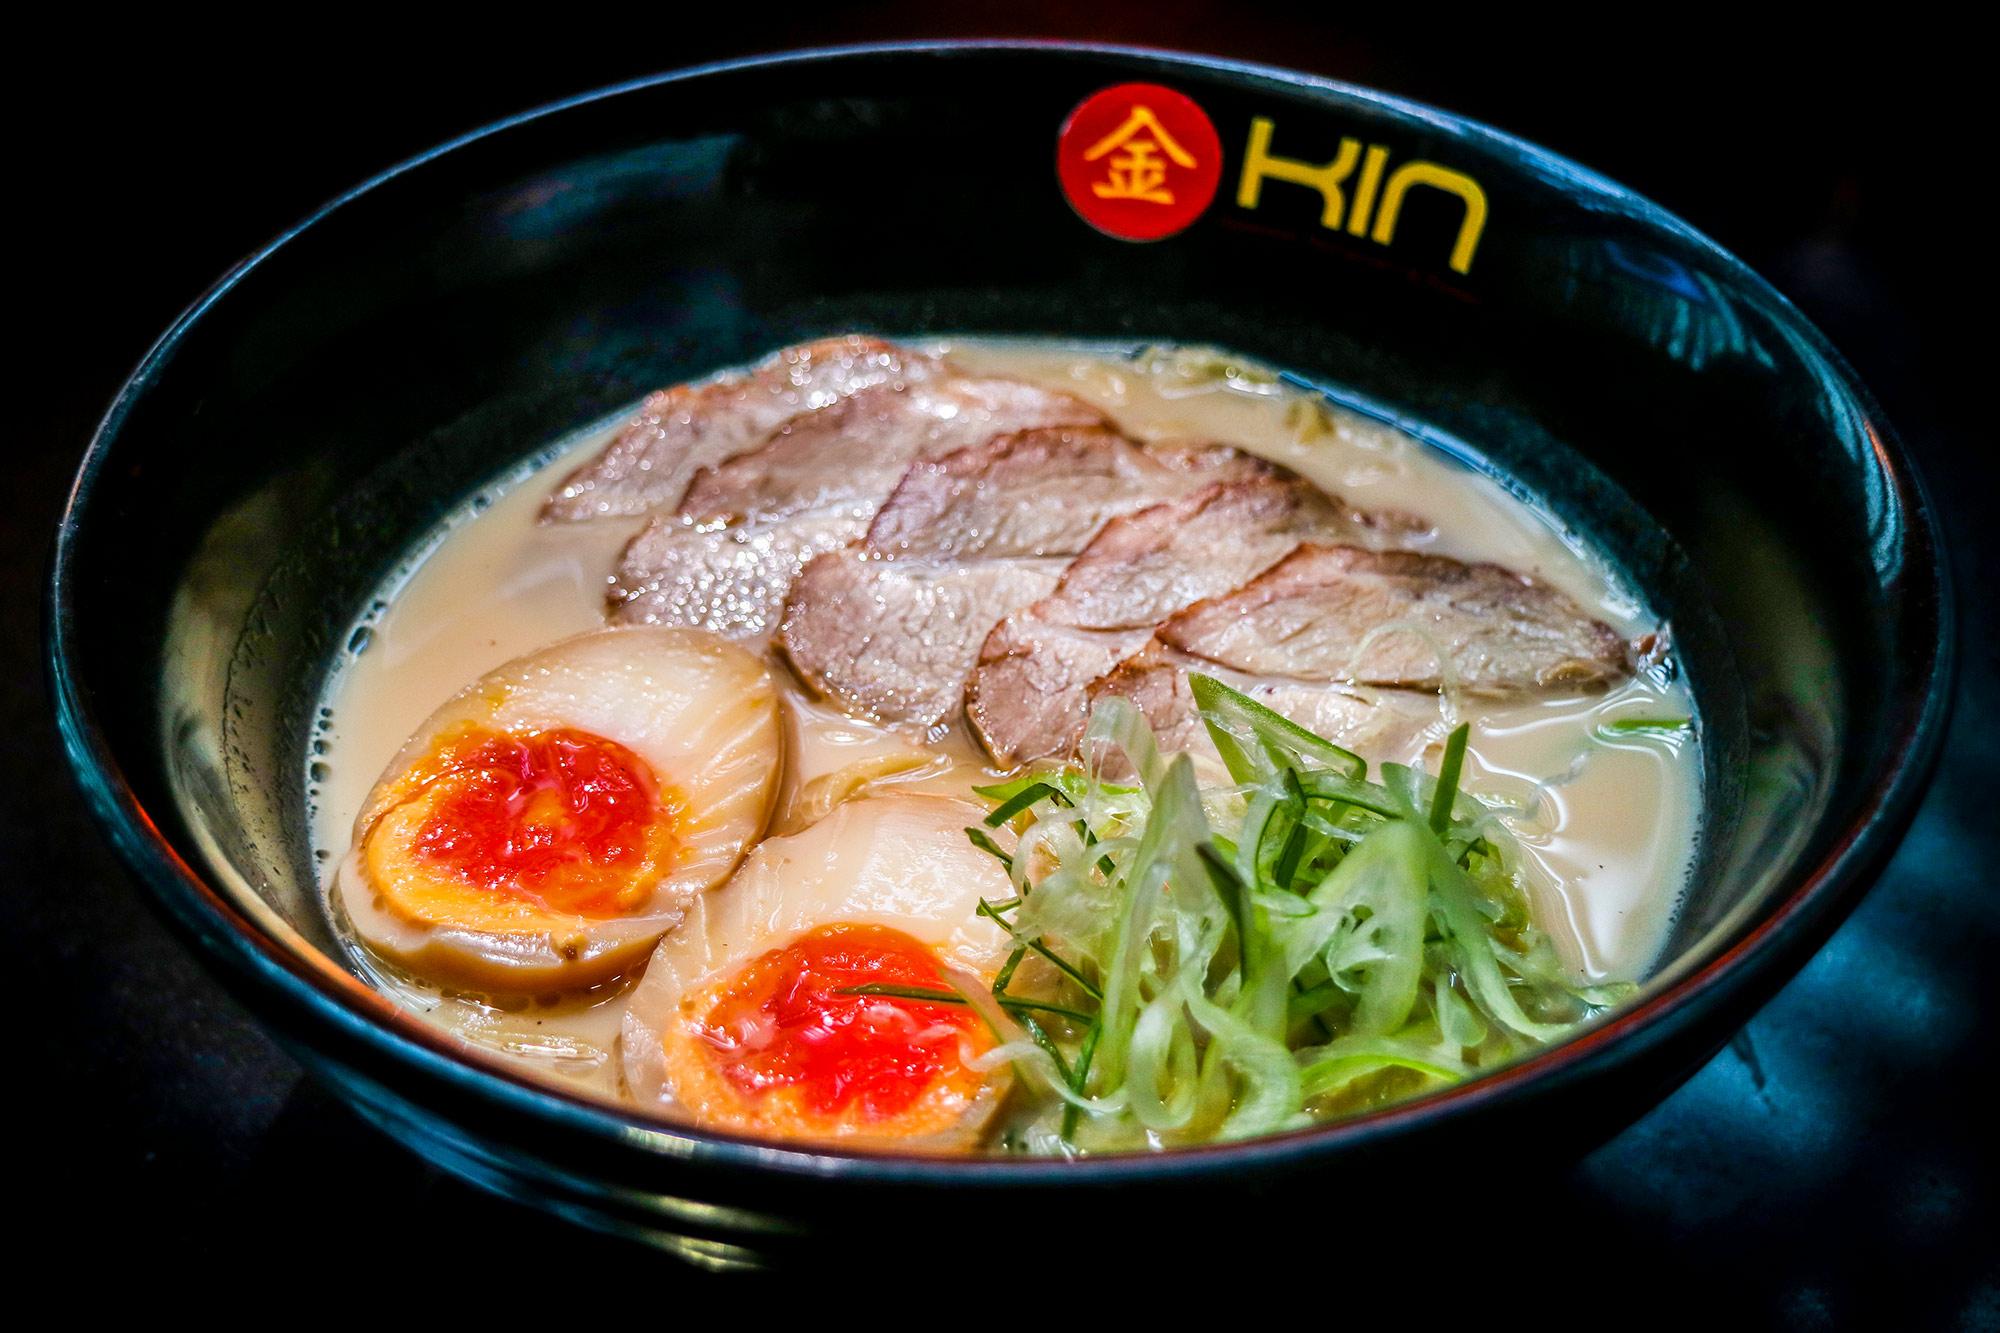 ราเมงหมูชาชู Chasyu Ramen  Kin Japanese Restaurant & Ramen ท่าอากาศยานสุวรรณภูมิ IMG 1405